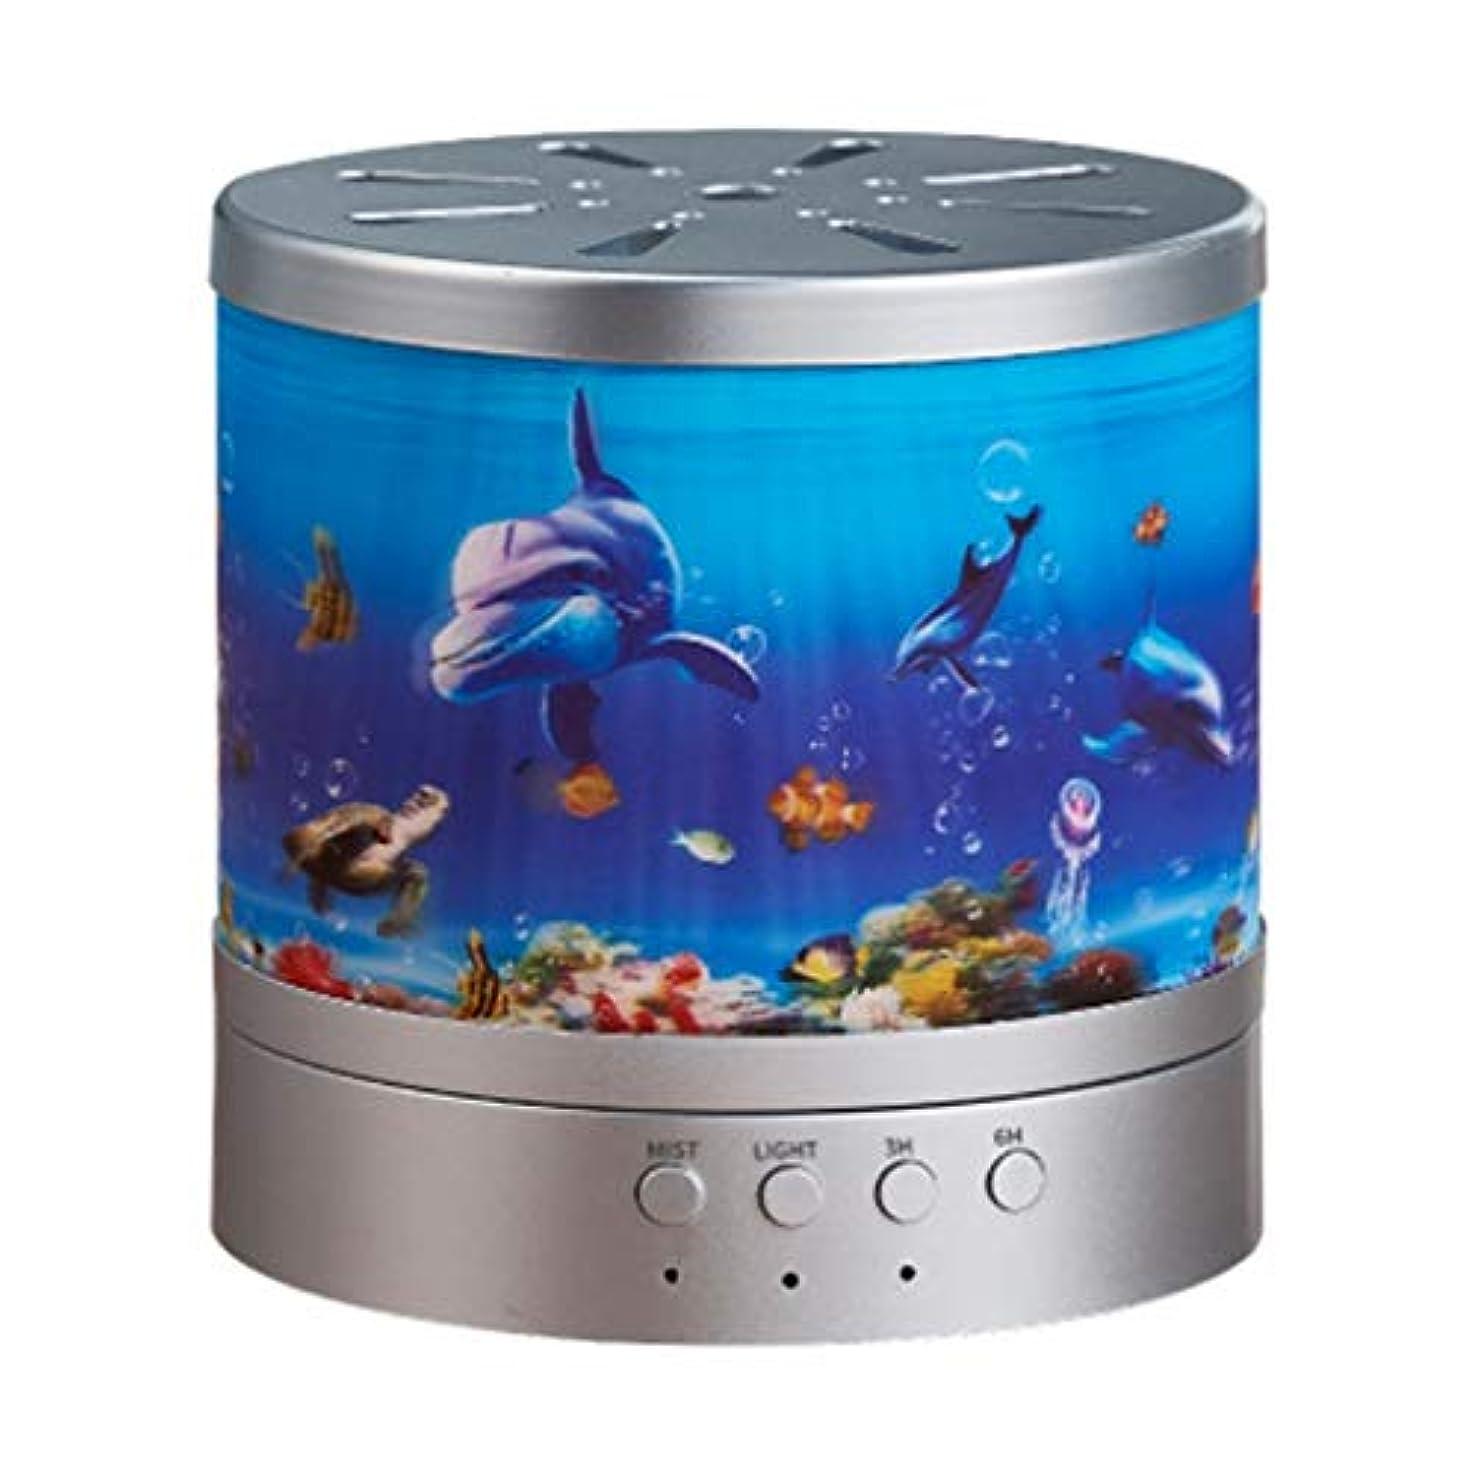 けがをする抑圧者持っている精油のための海洋の主題の拡散器超音波涼しい霧の加湿器、水なしの自動シャットオフおよび7つの色LEDライトは内務省のために変わります (Color : Silver)